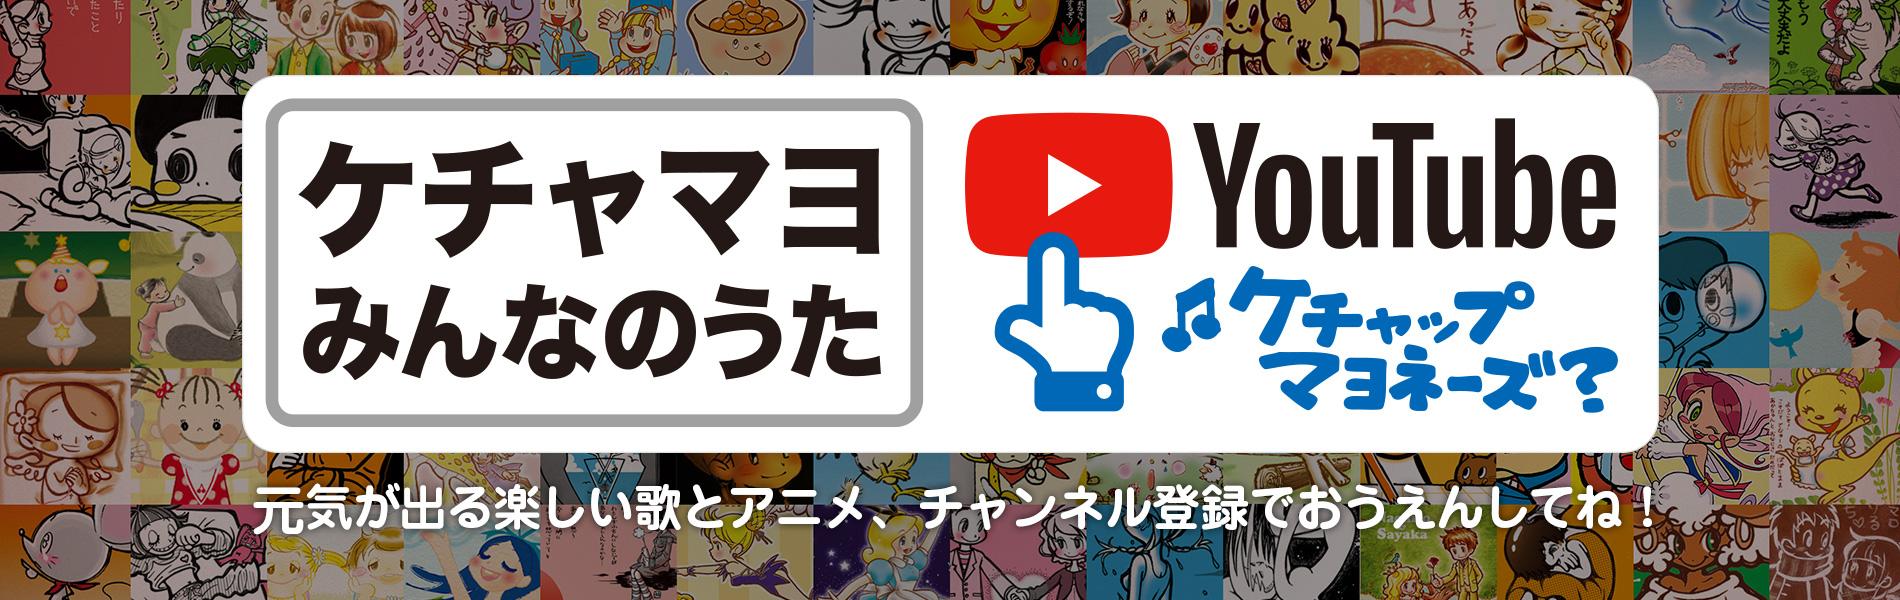 元気が出る楽しい歌とアニメ、YouTubeチャンネル登録で応援してね!